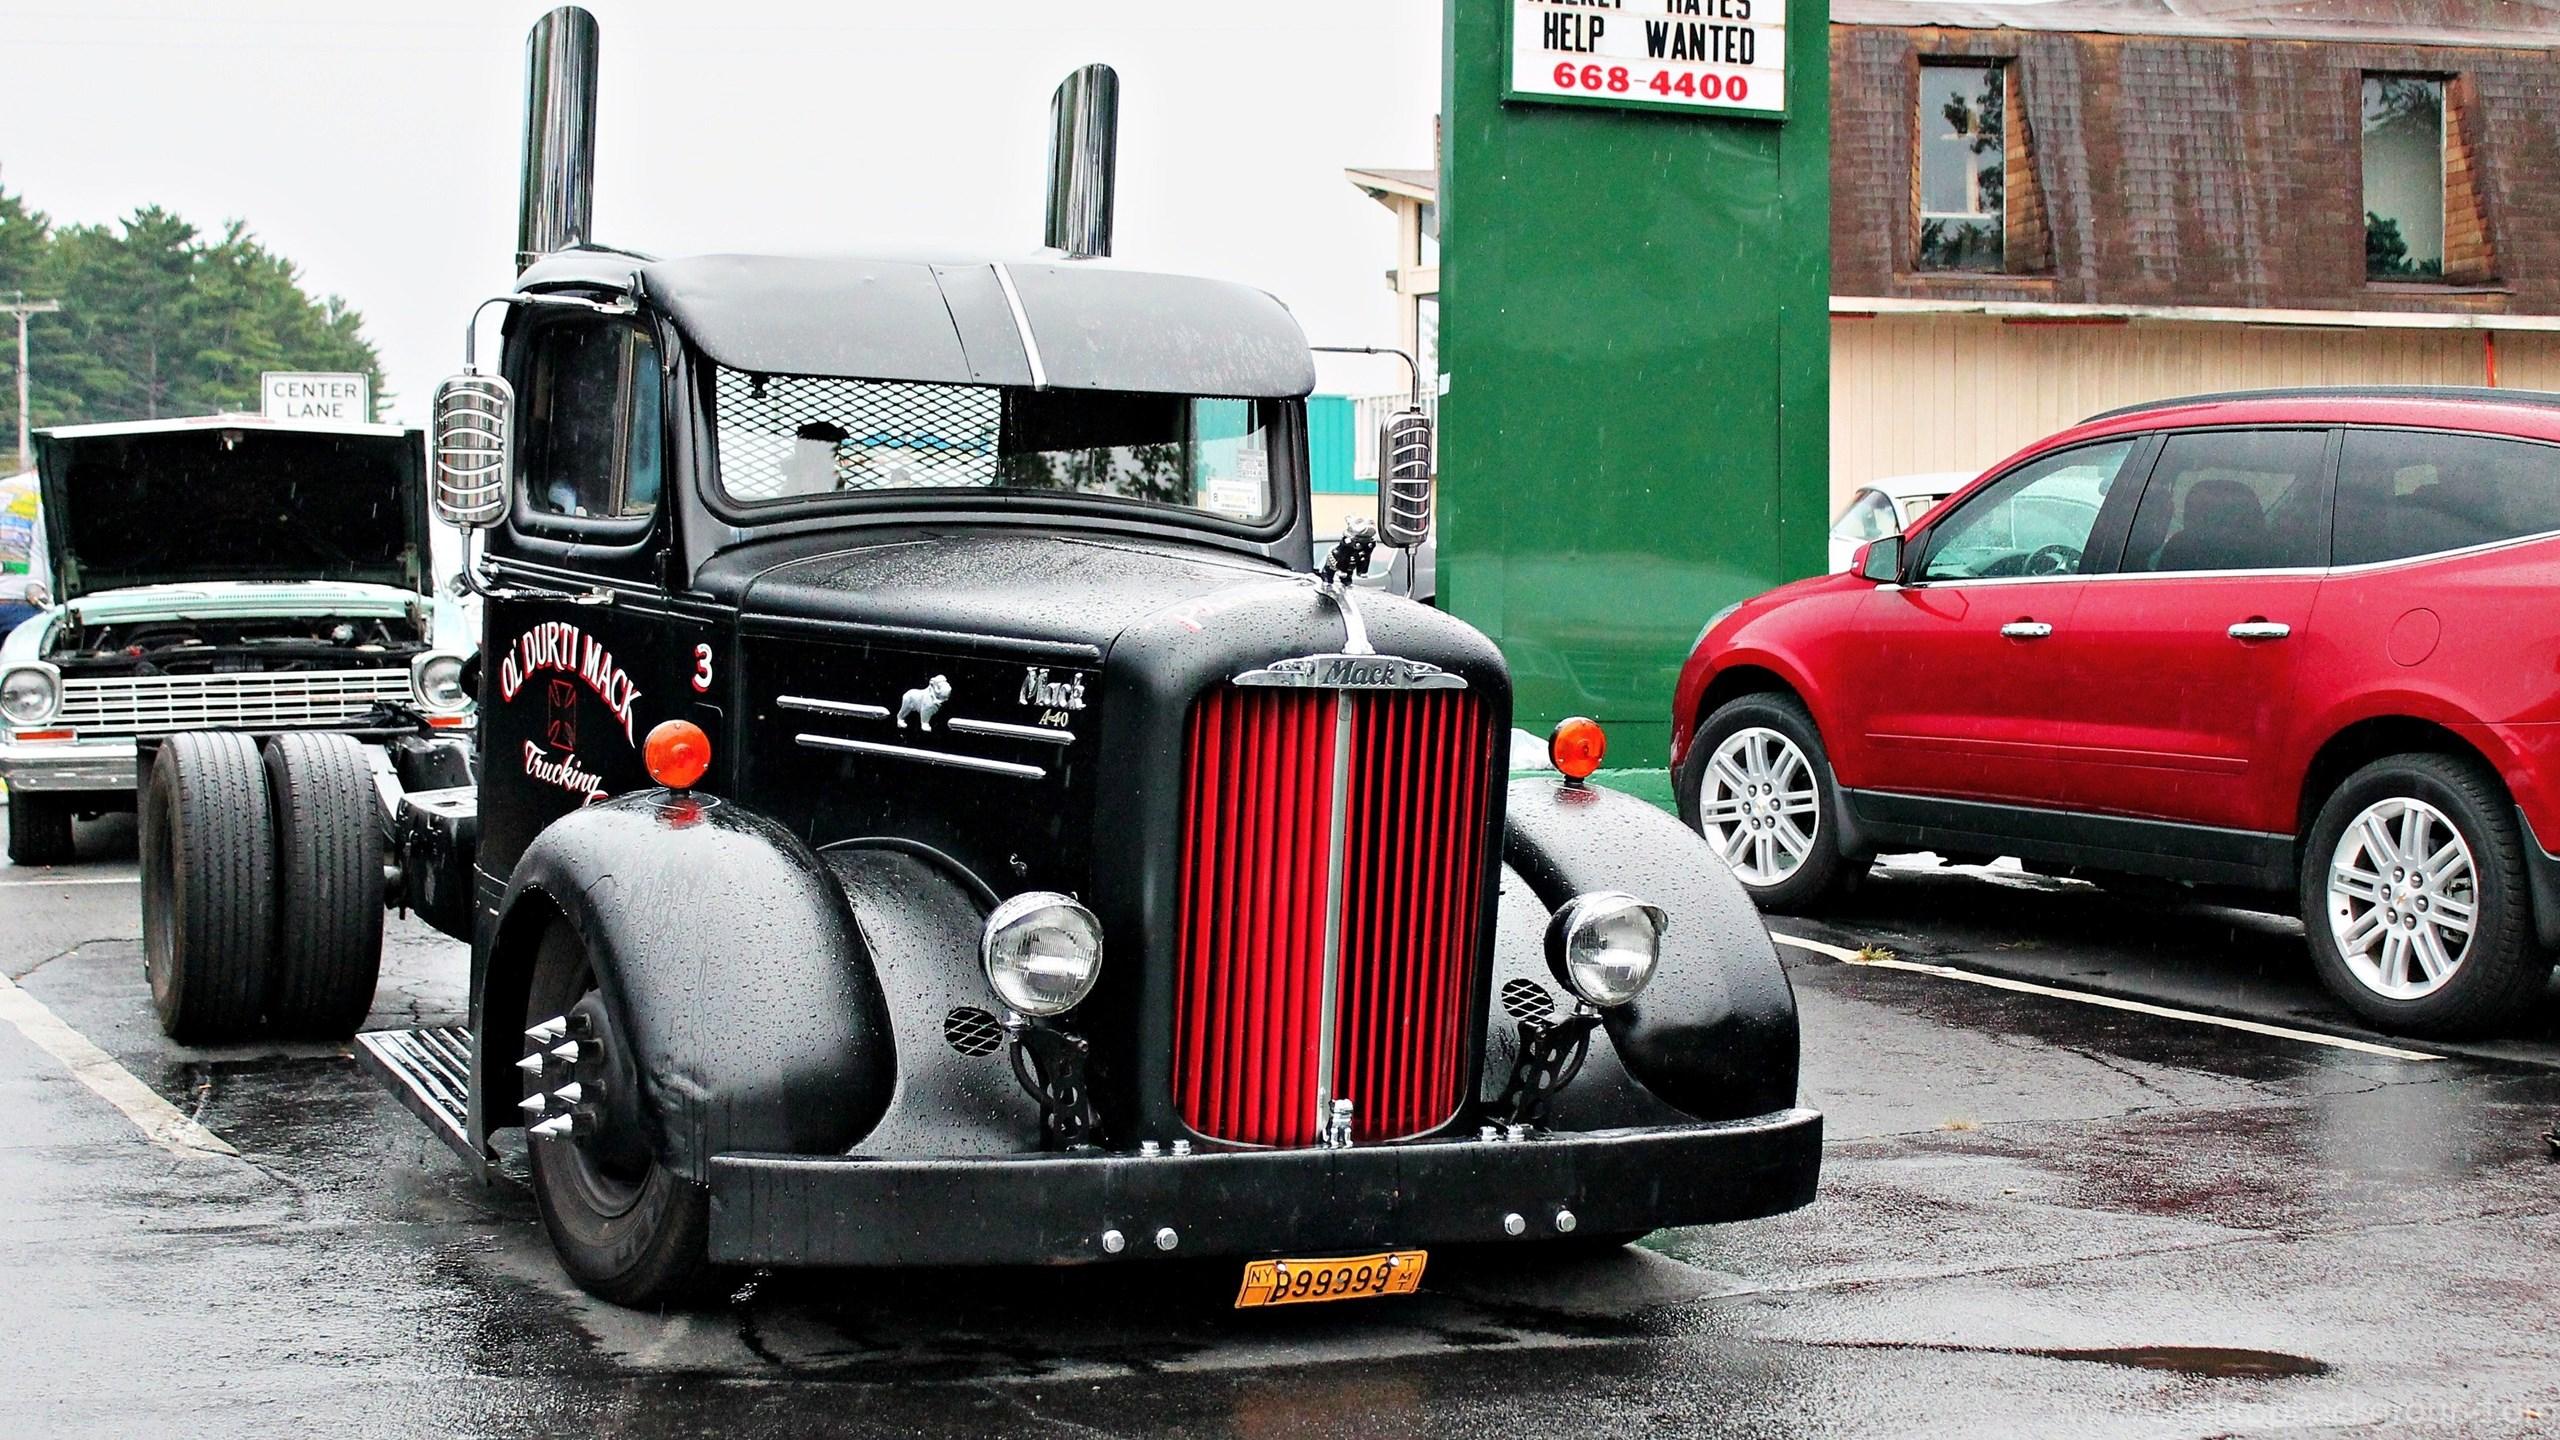 Mack semi tractor transport truck wallpapers desktop background - Mack truck pictures ...